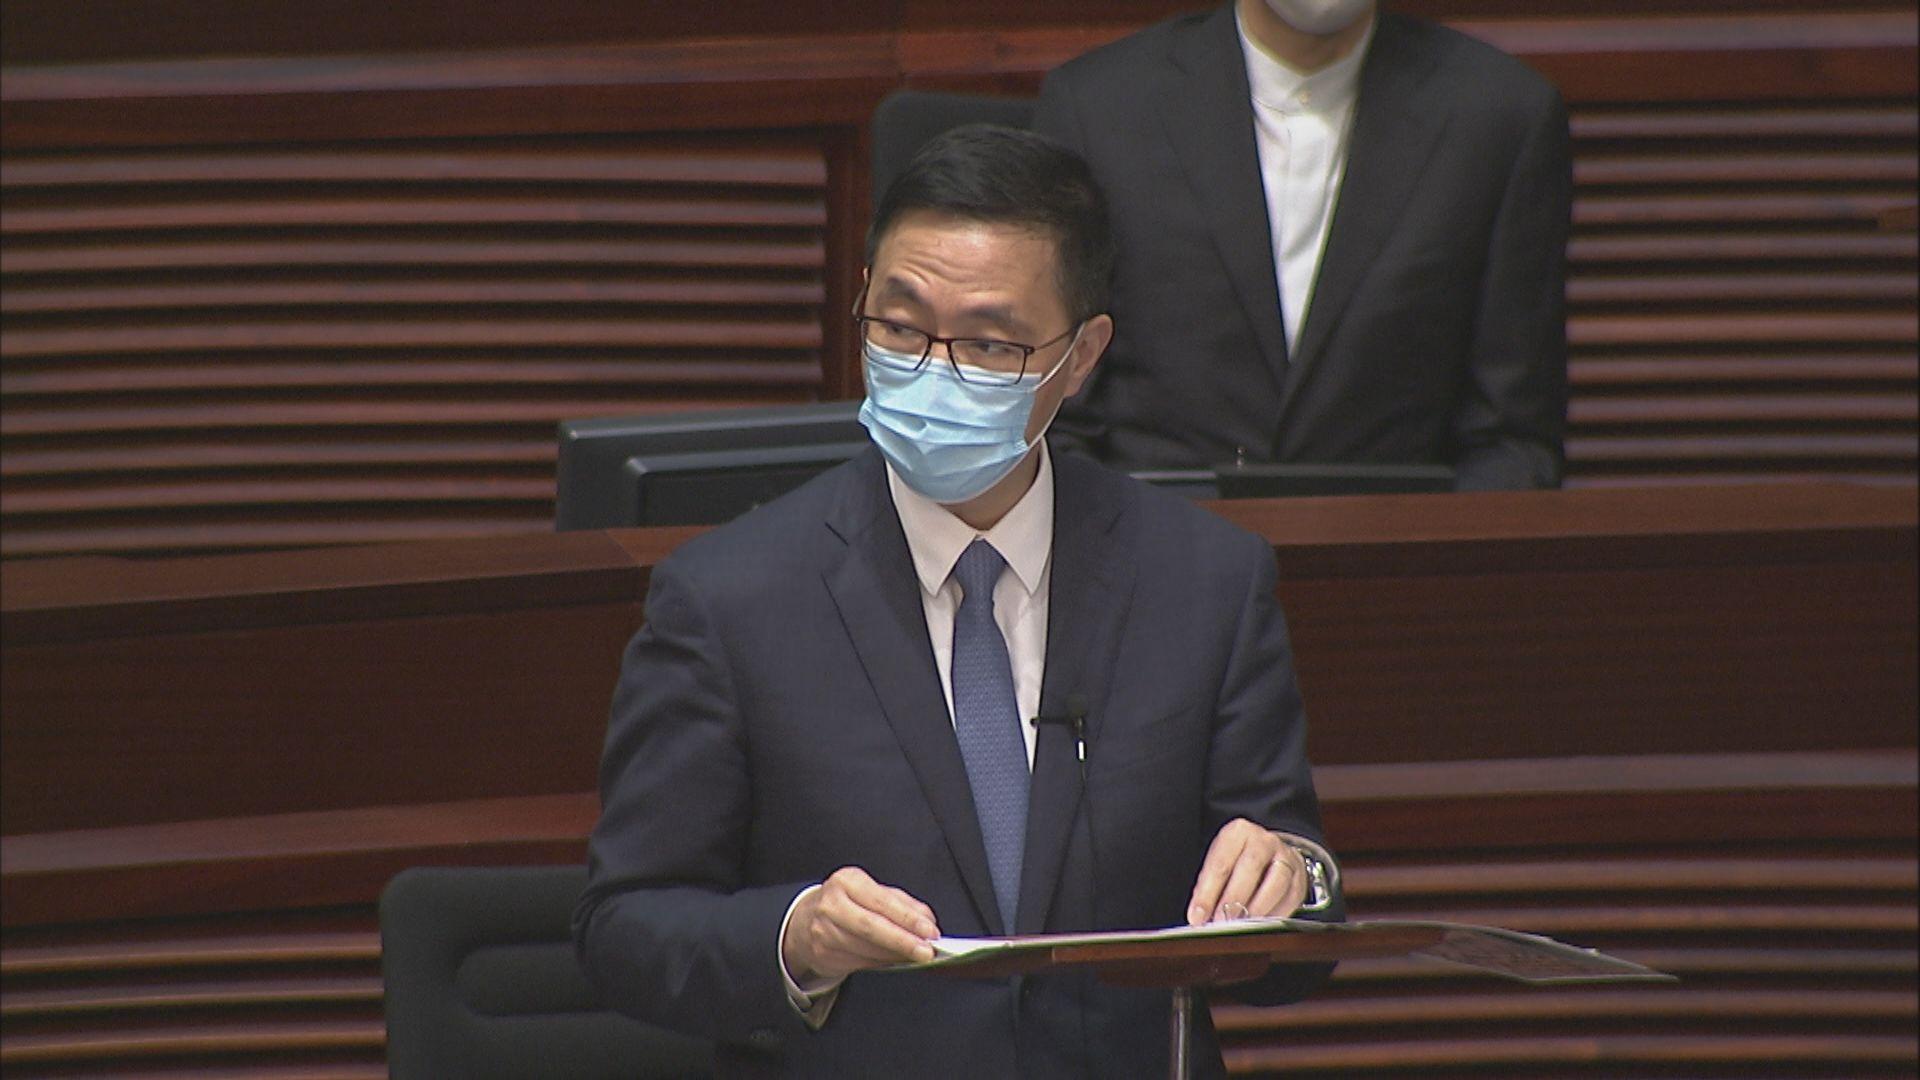 立會通過施政報告致謝議案 陳沛然及鄭松泰投反對票